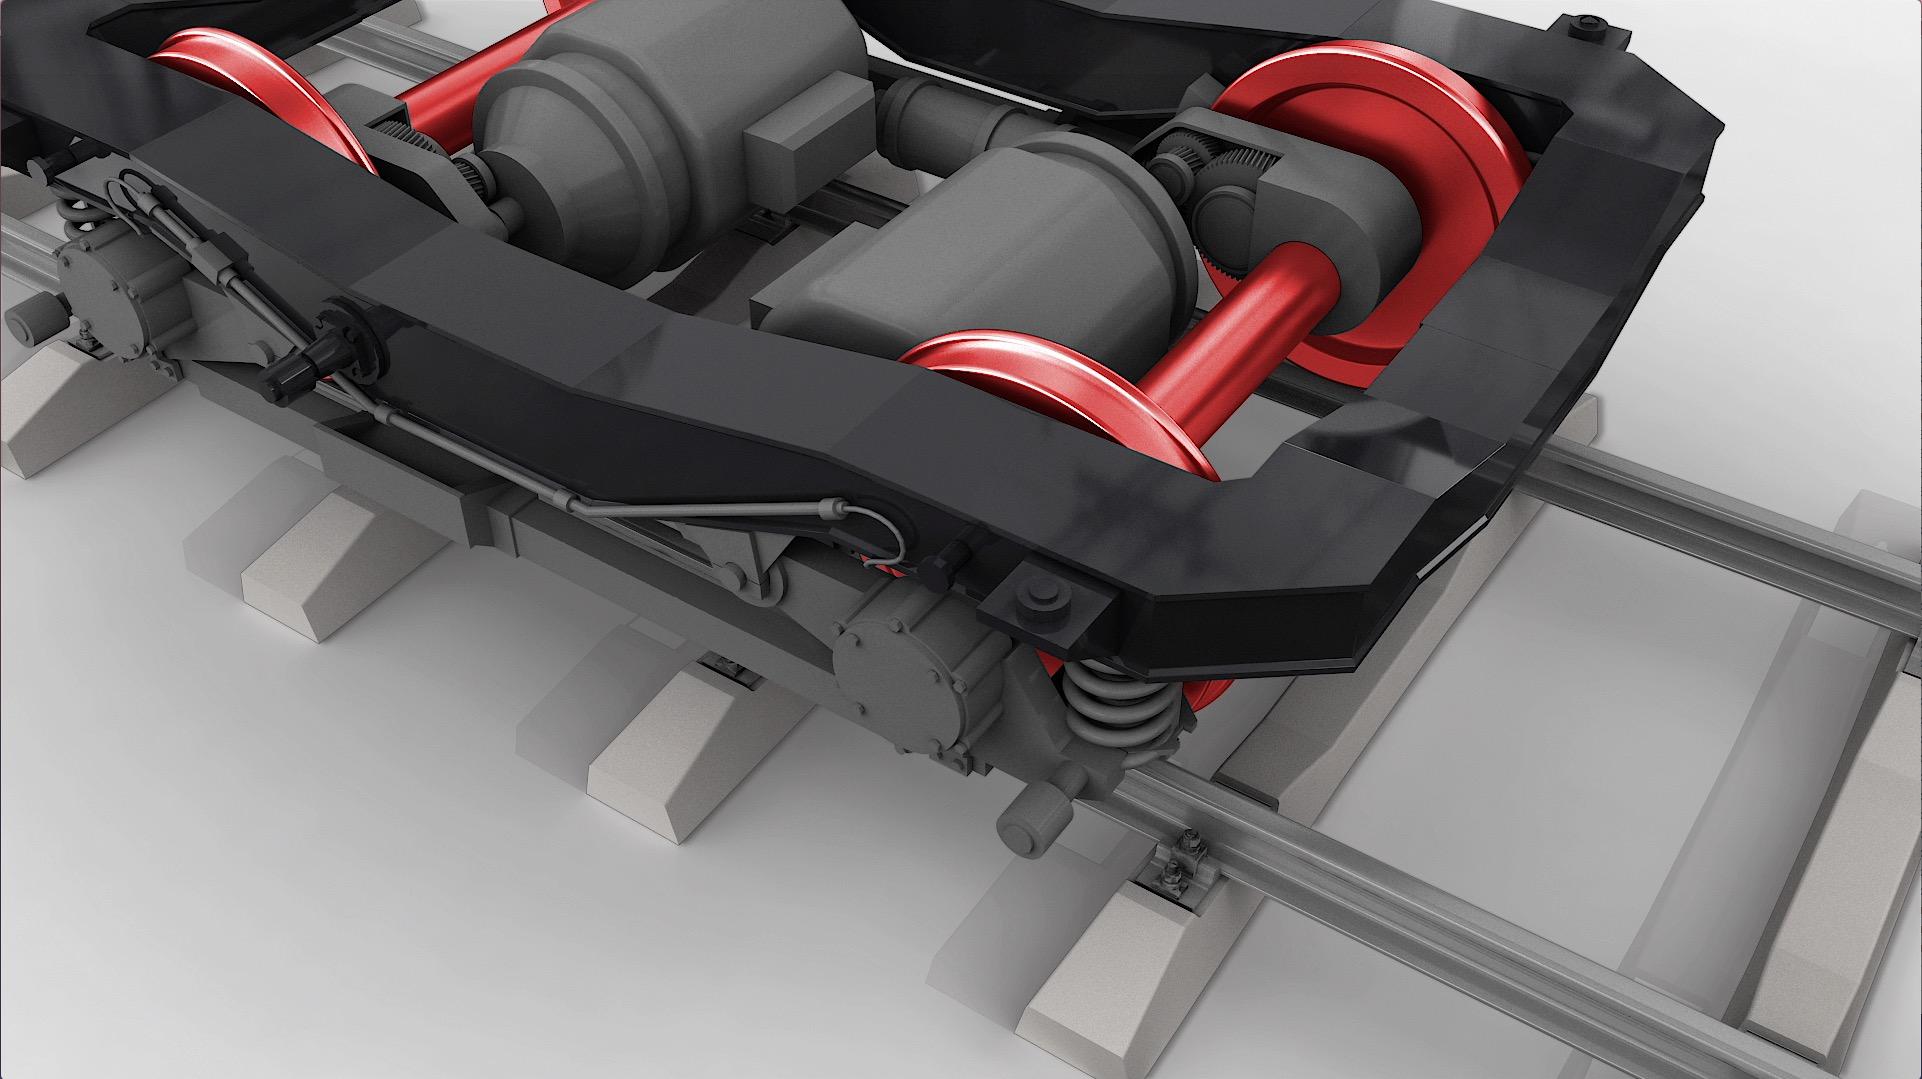 tecmotion - Produktanimation Kugellager von KRW, Einsatz im Drehgestell von Schienenfahrzeugen, Abb. 02